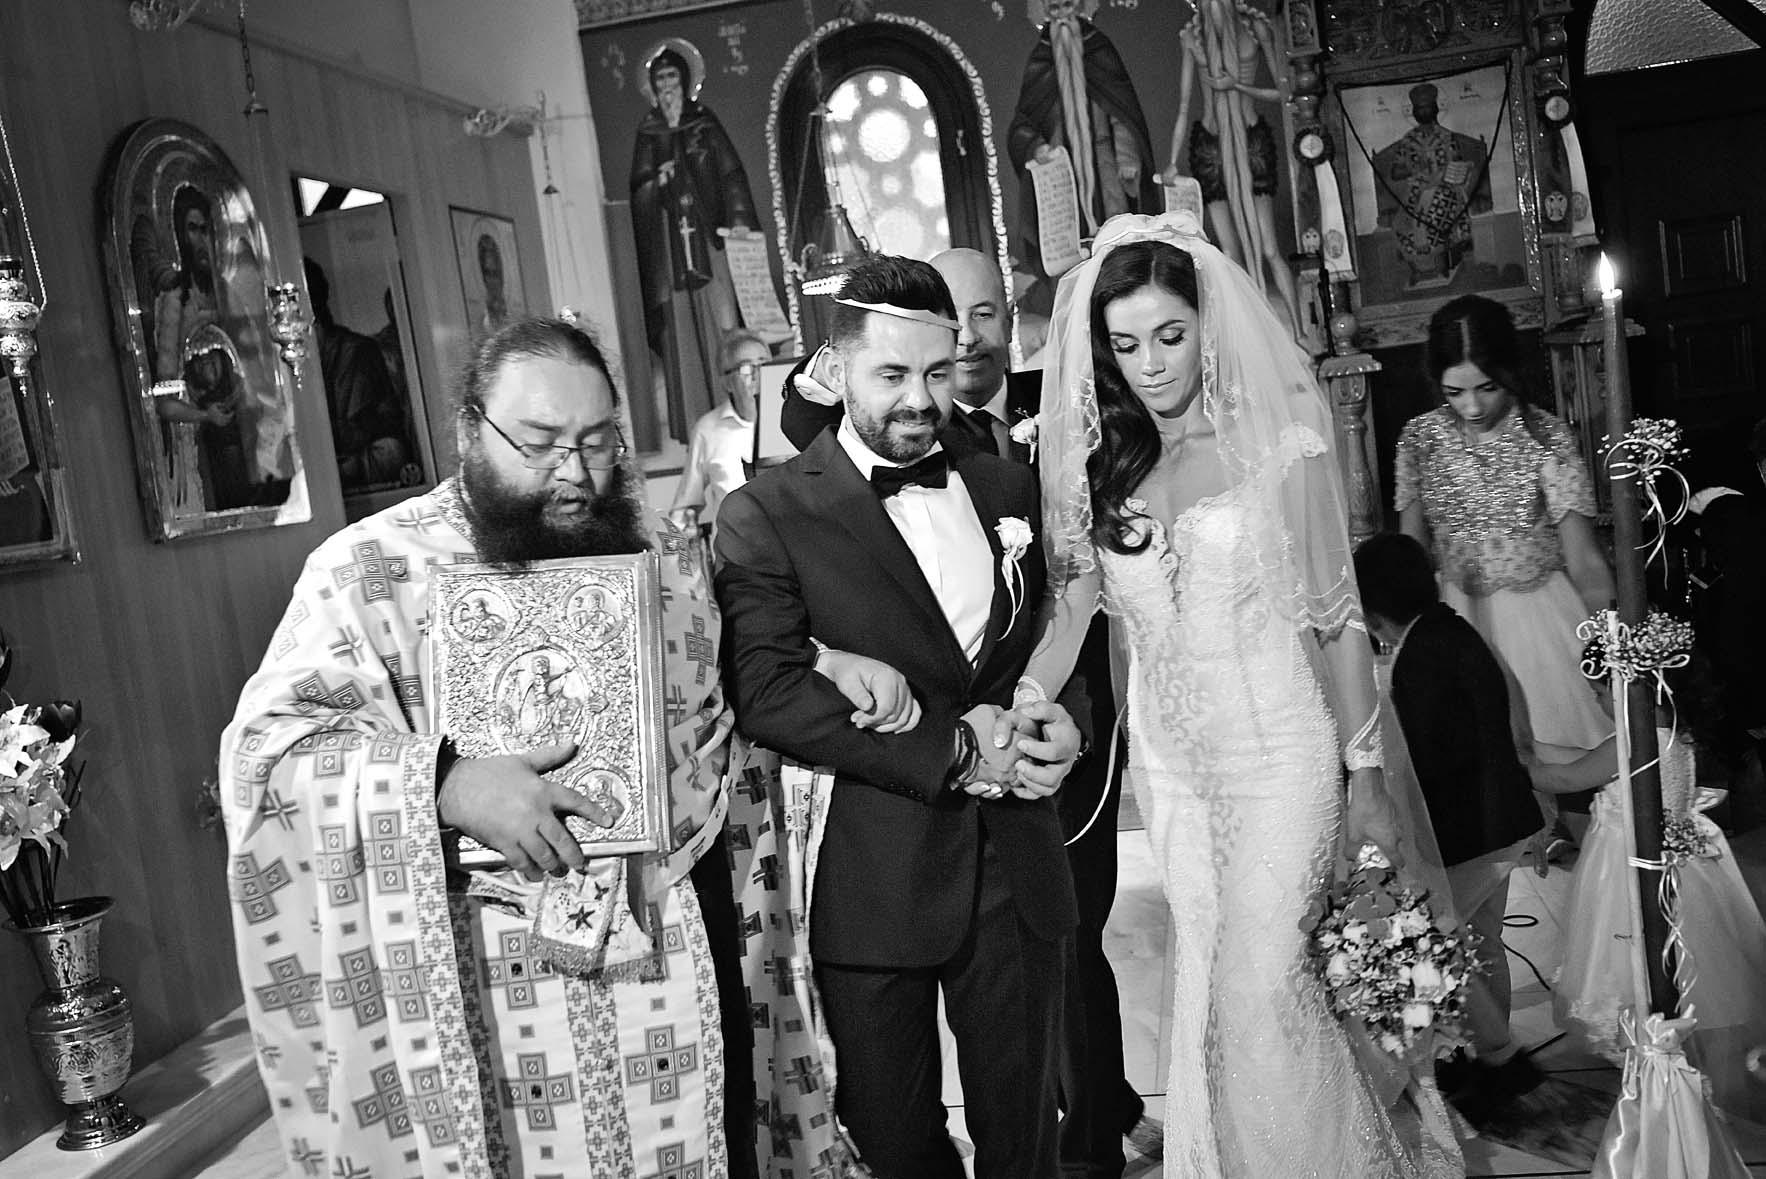 fine-art-photography-wedding-larissa-thessalia-koumaditis-09